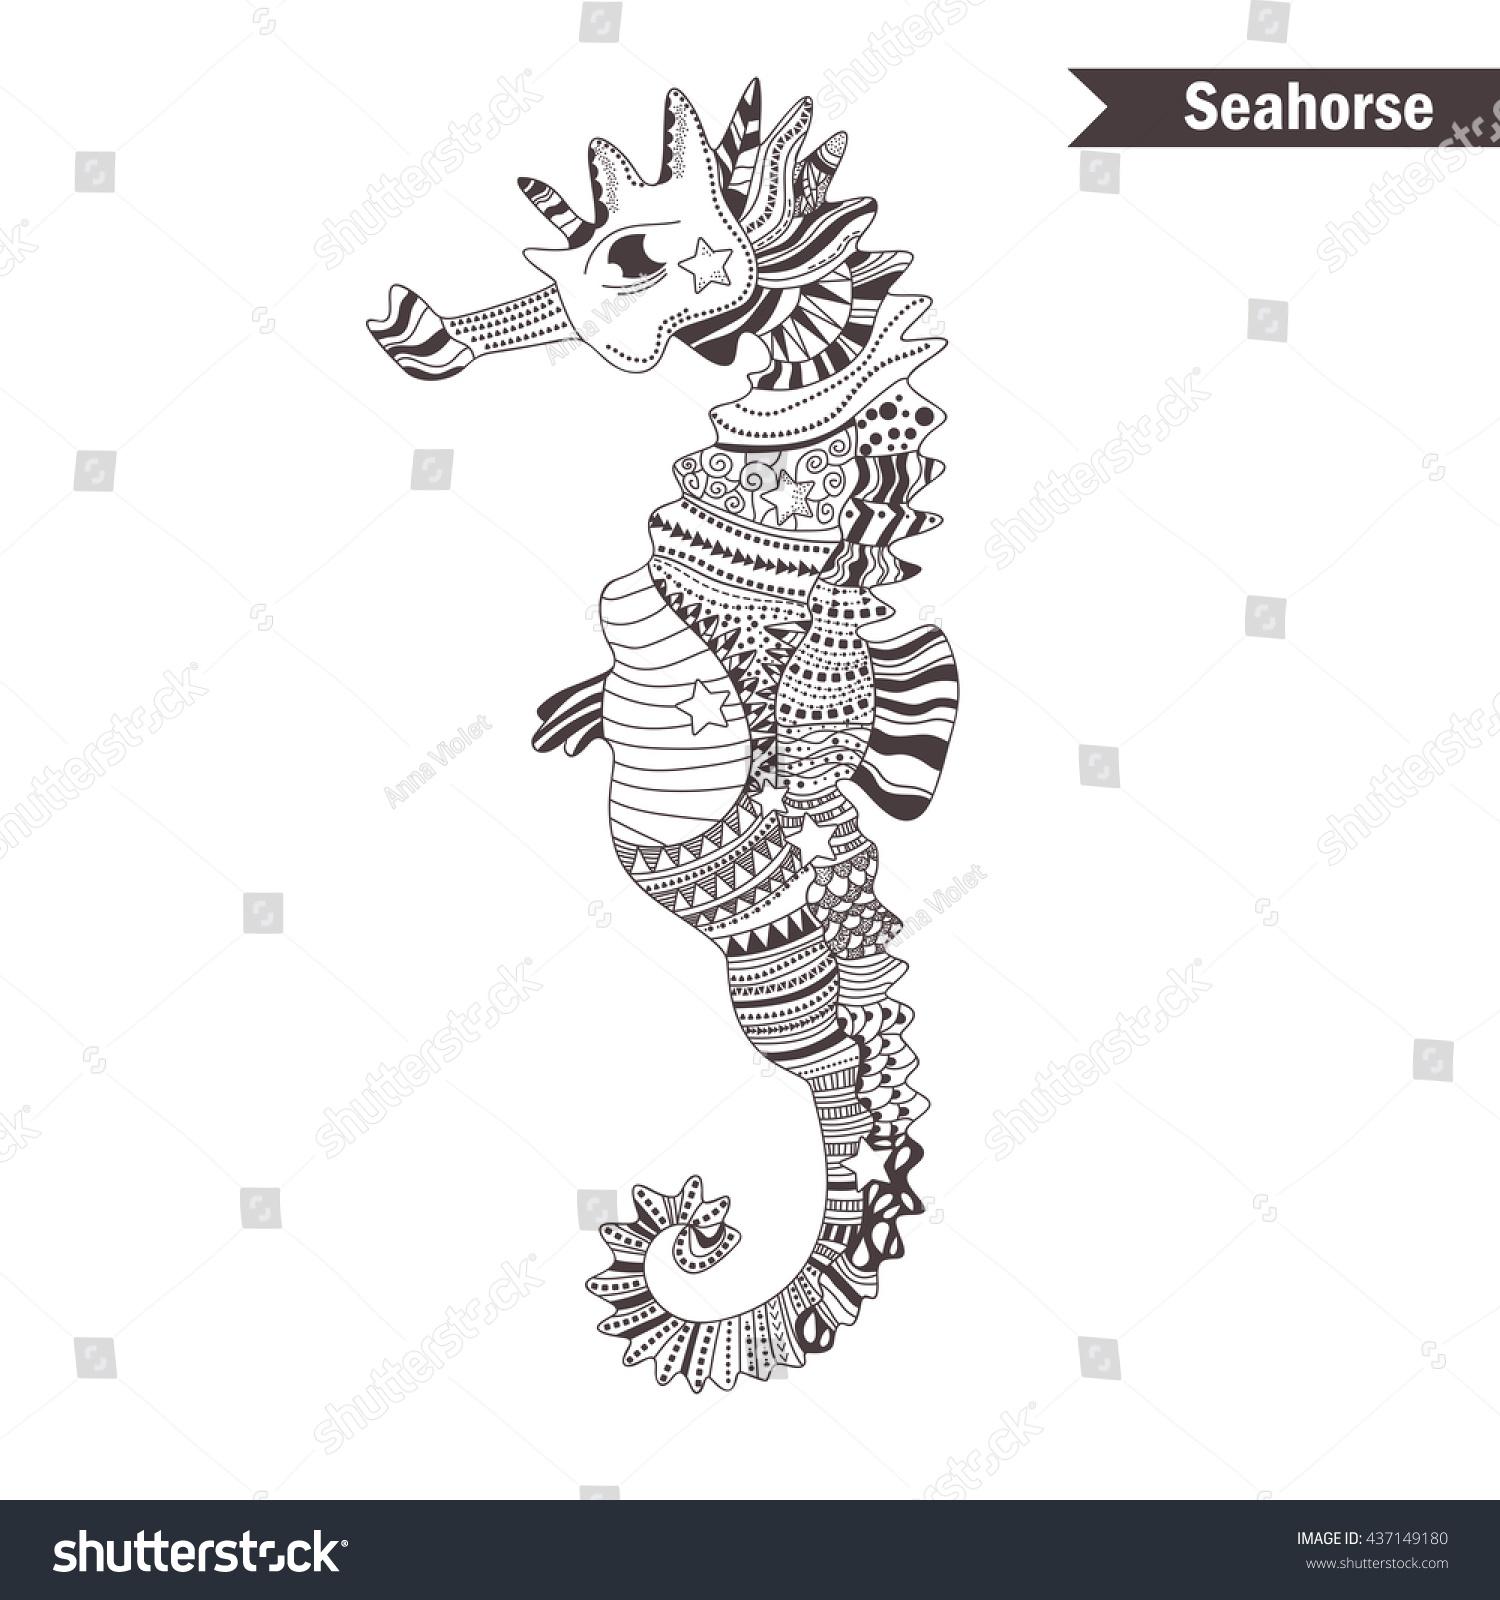 seahorse zentangle style coloring book stock vector